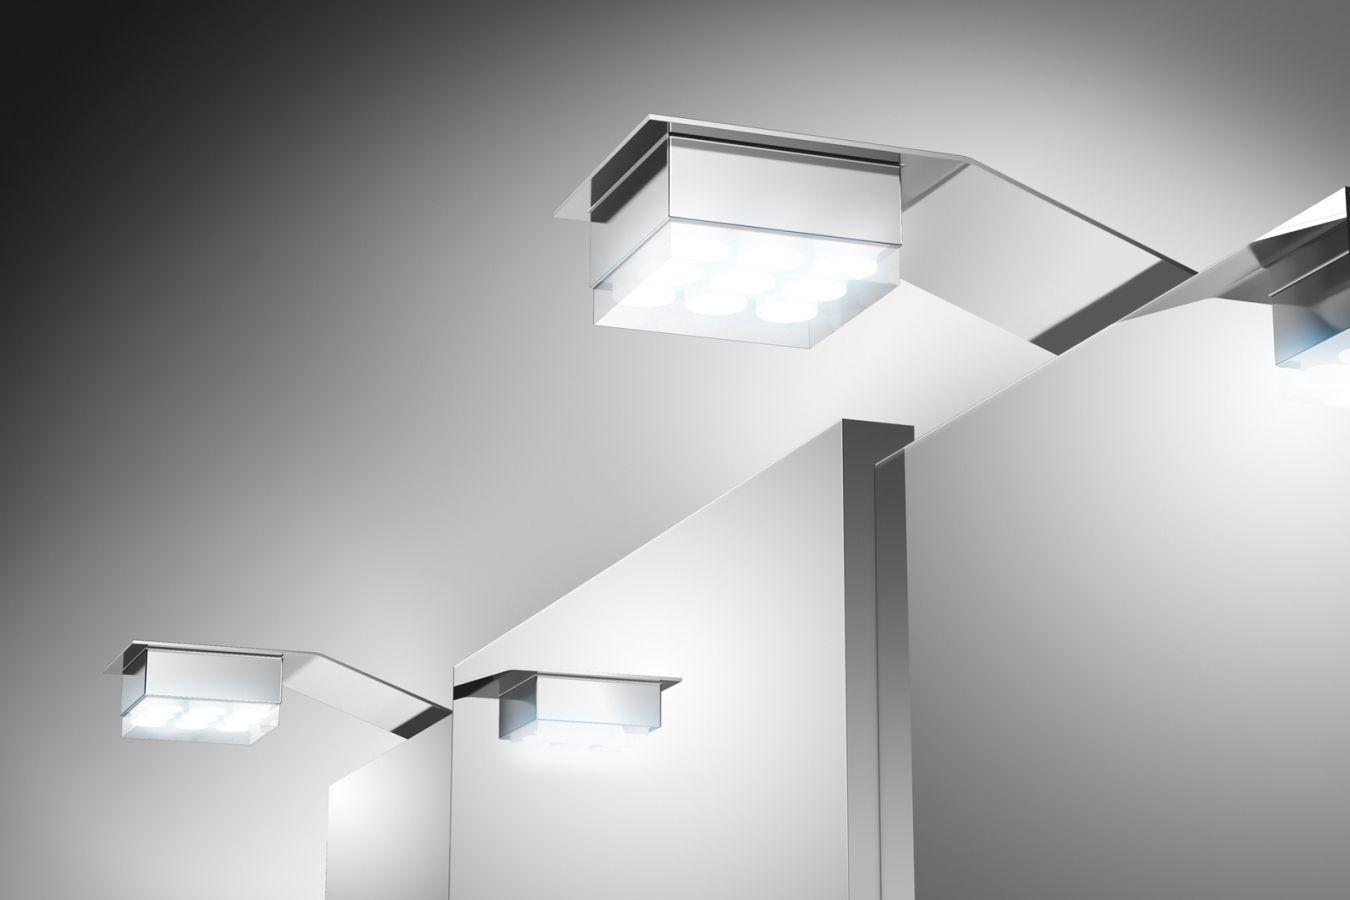 Welche Lampe Fur Badezimmer In 2020 Mit Bildern Spiegelschrank Beleuchtung Badezimmer Spiegelschrank Lampe Badezimmer